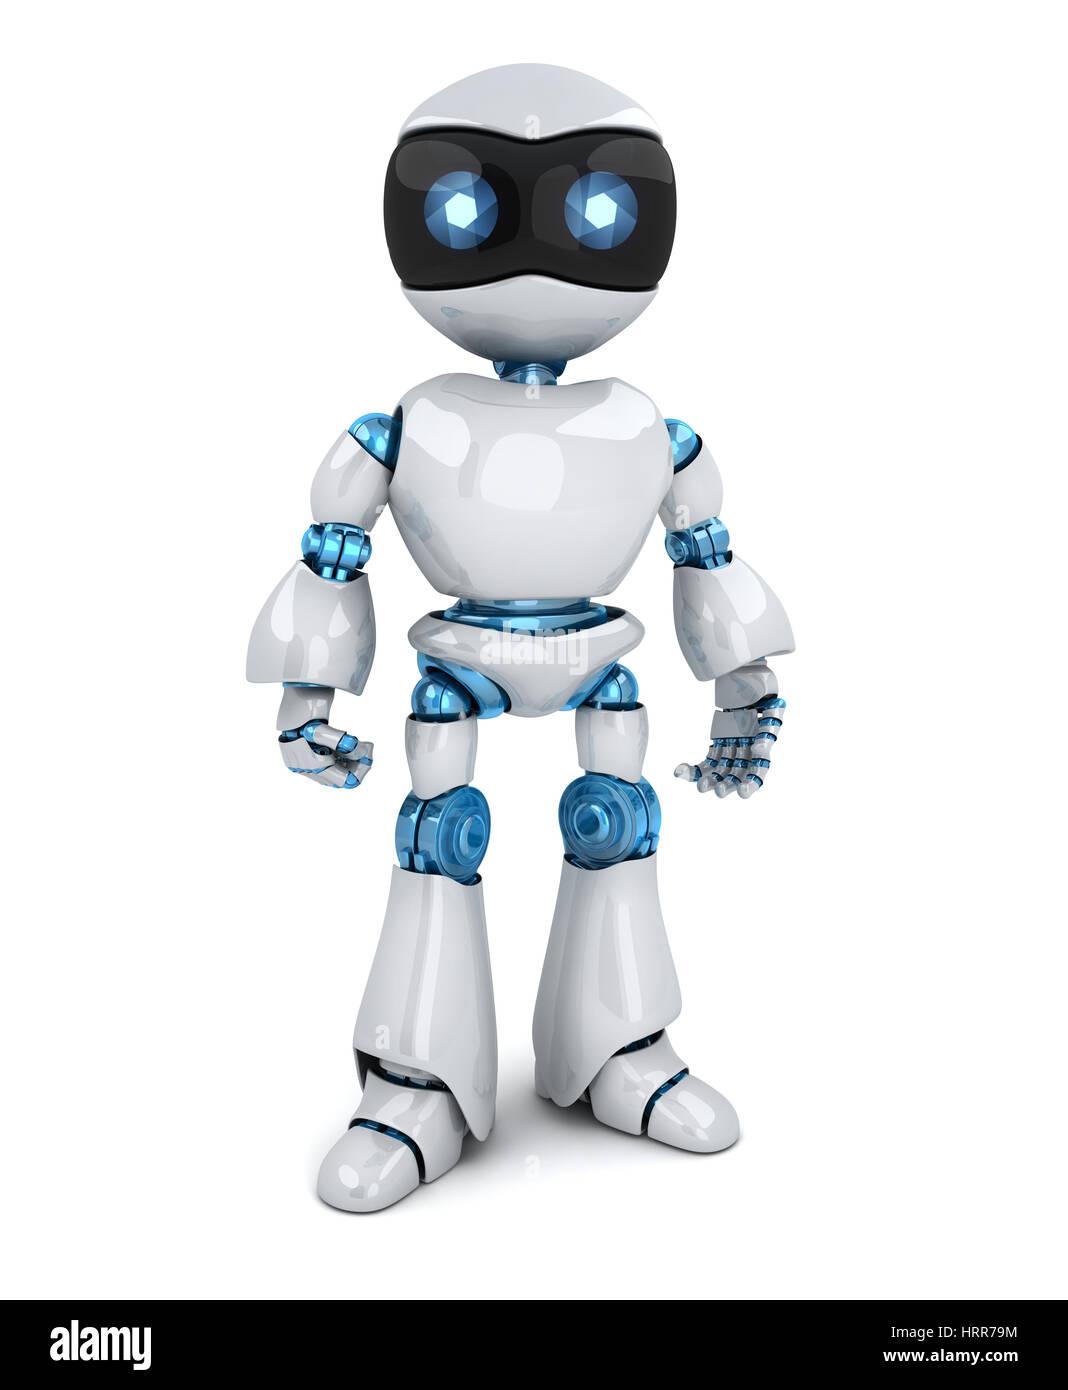 Moderno e di colore bianco solo robot. 3d illustrazione Immagini Stock